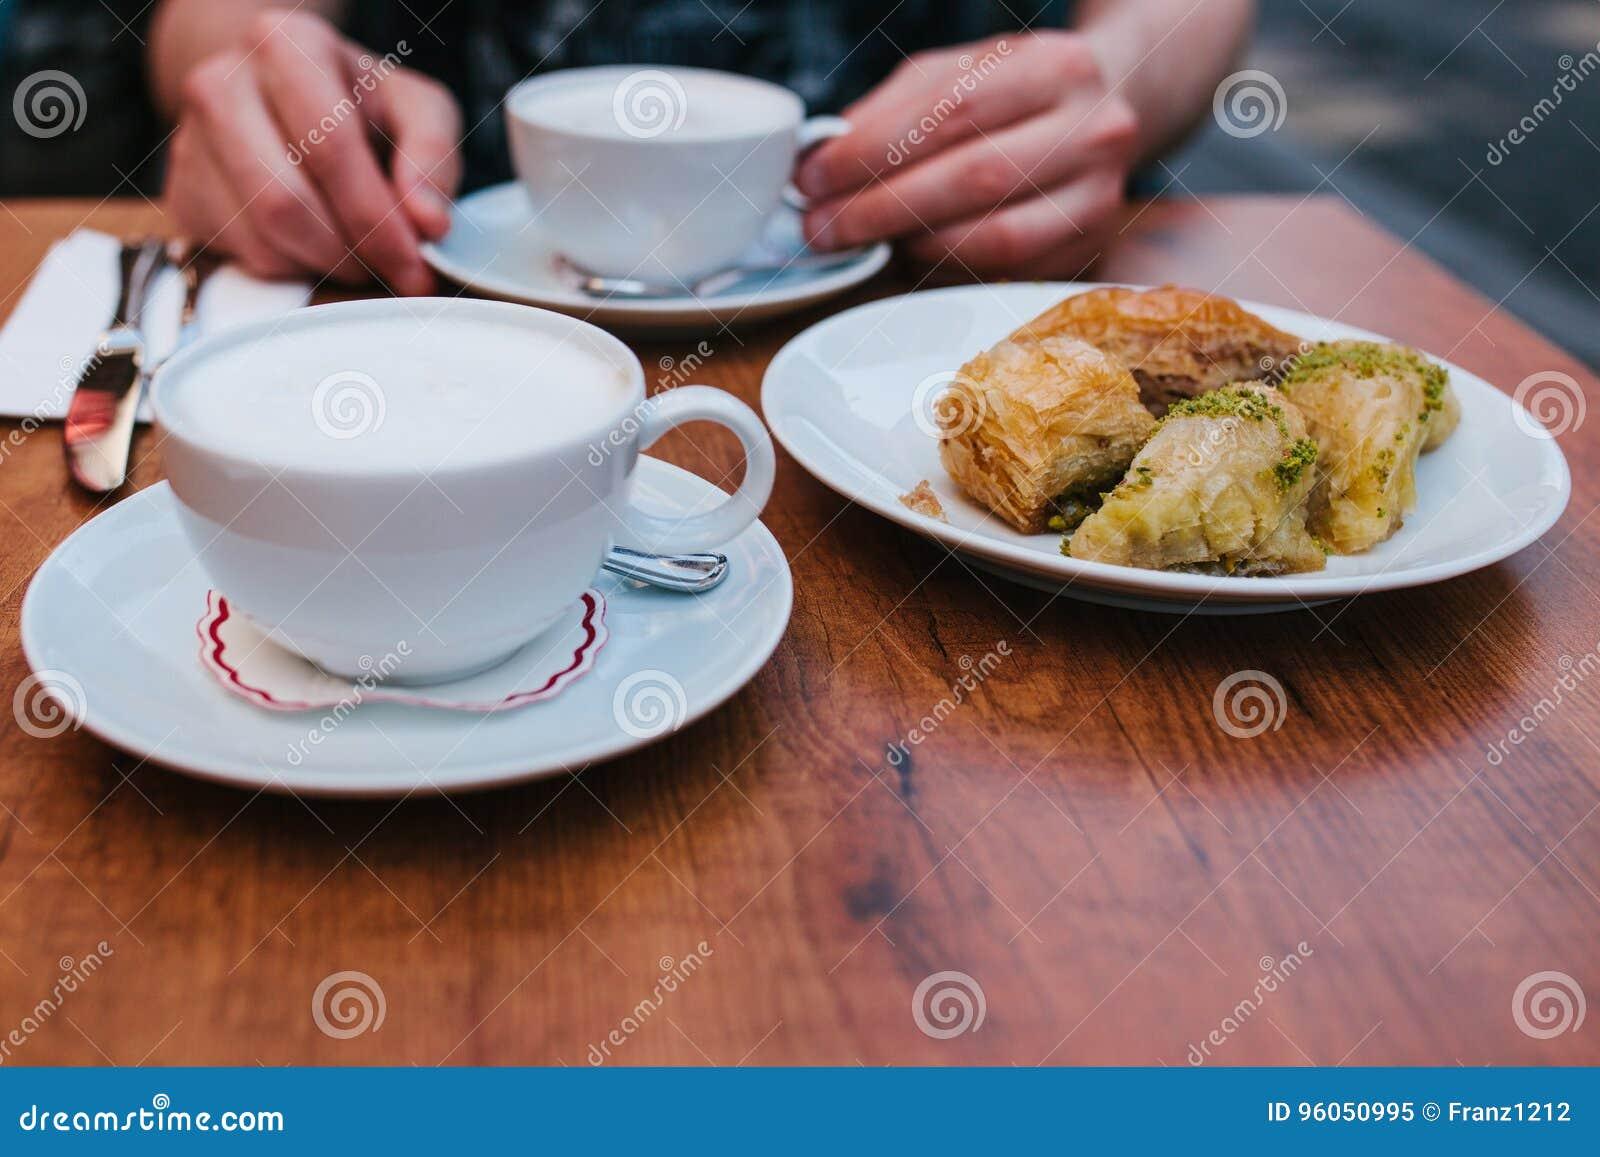 Un homme dans un café mange du café avec un dessert oriental traditionnel de baklava Nourriture orientale Dessert turc Nourriture